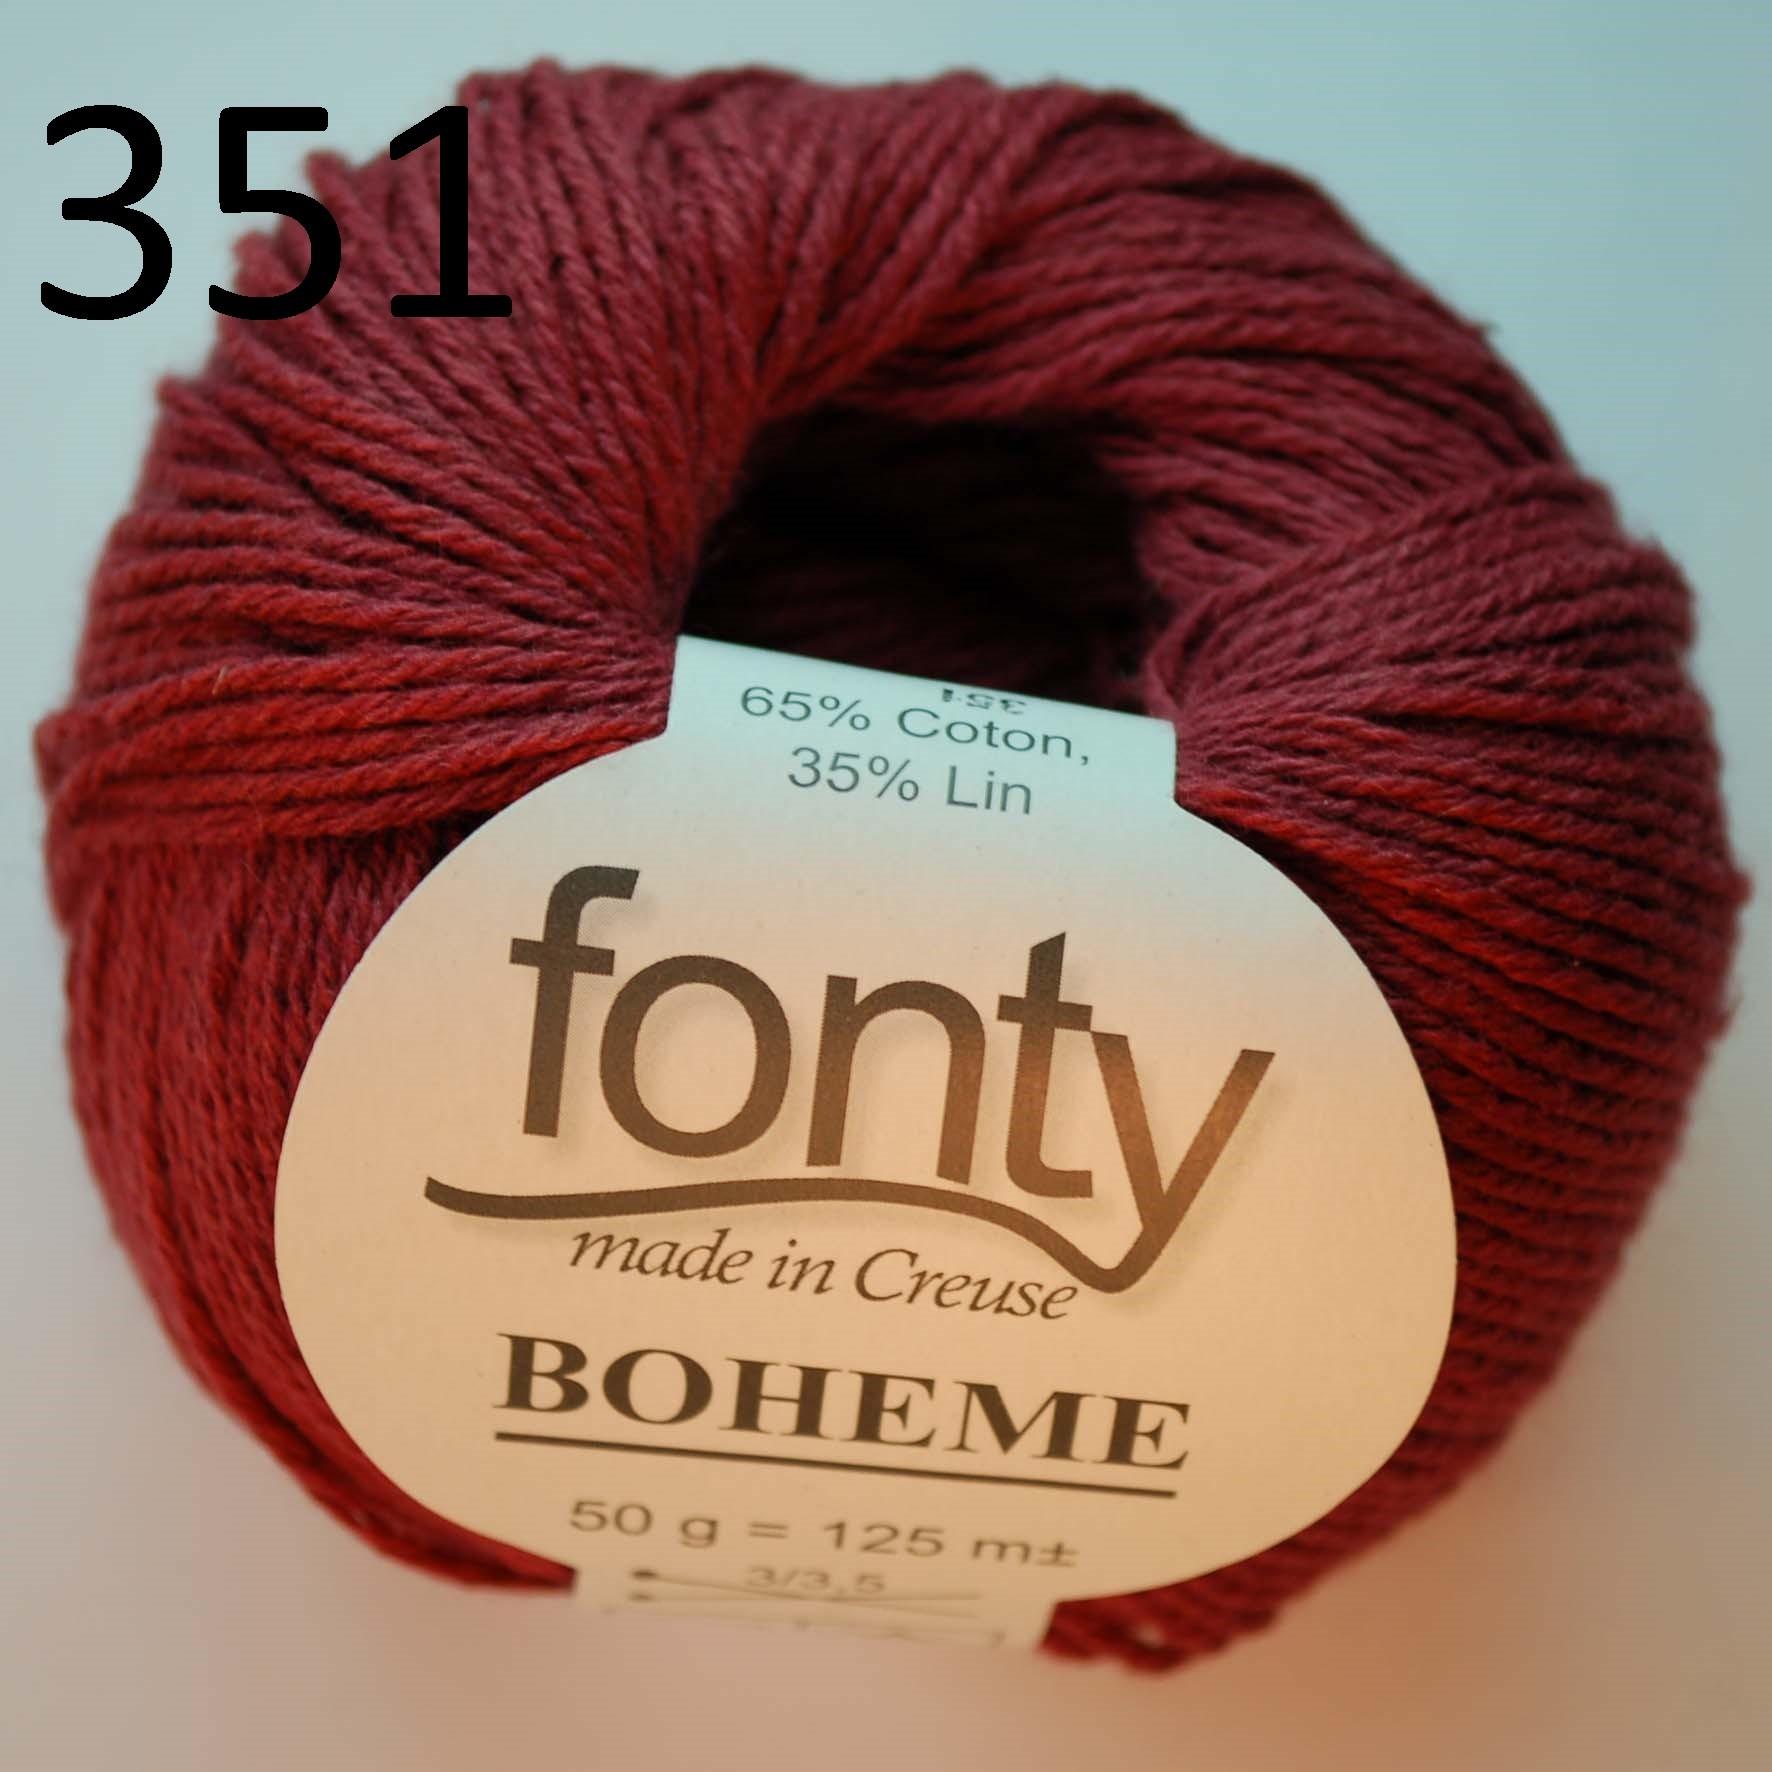 Boheme 351